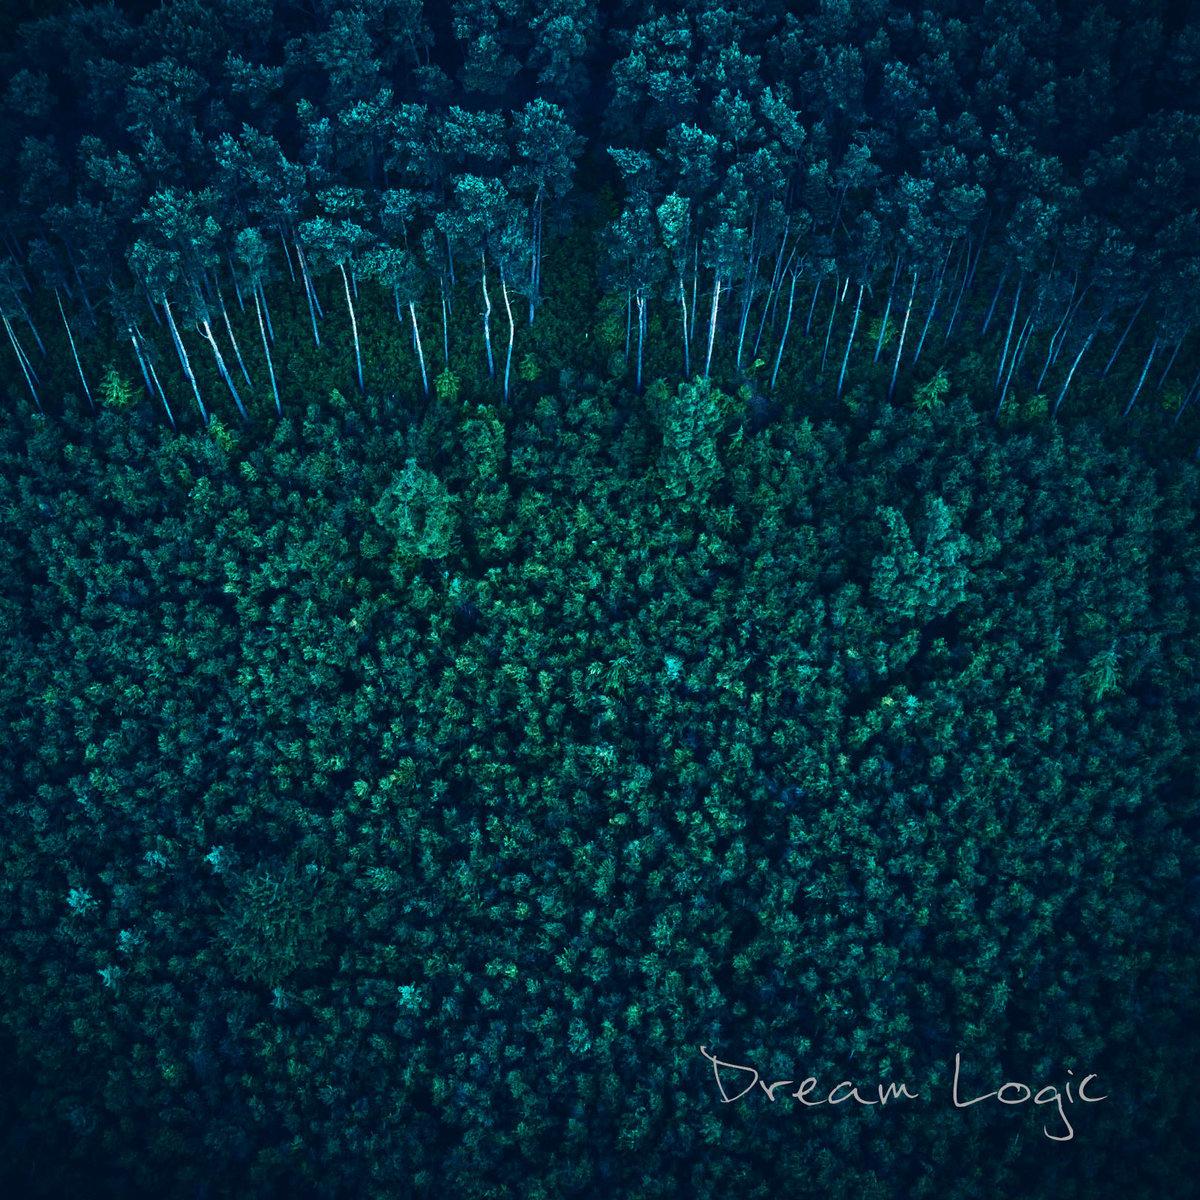 Dream Logic EP | Dream Logic